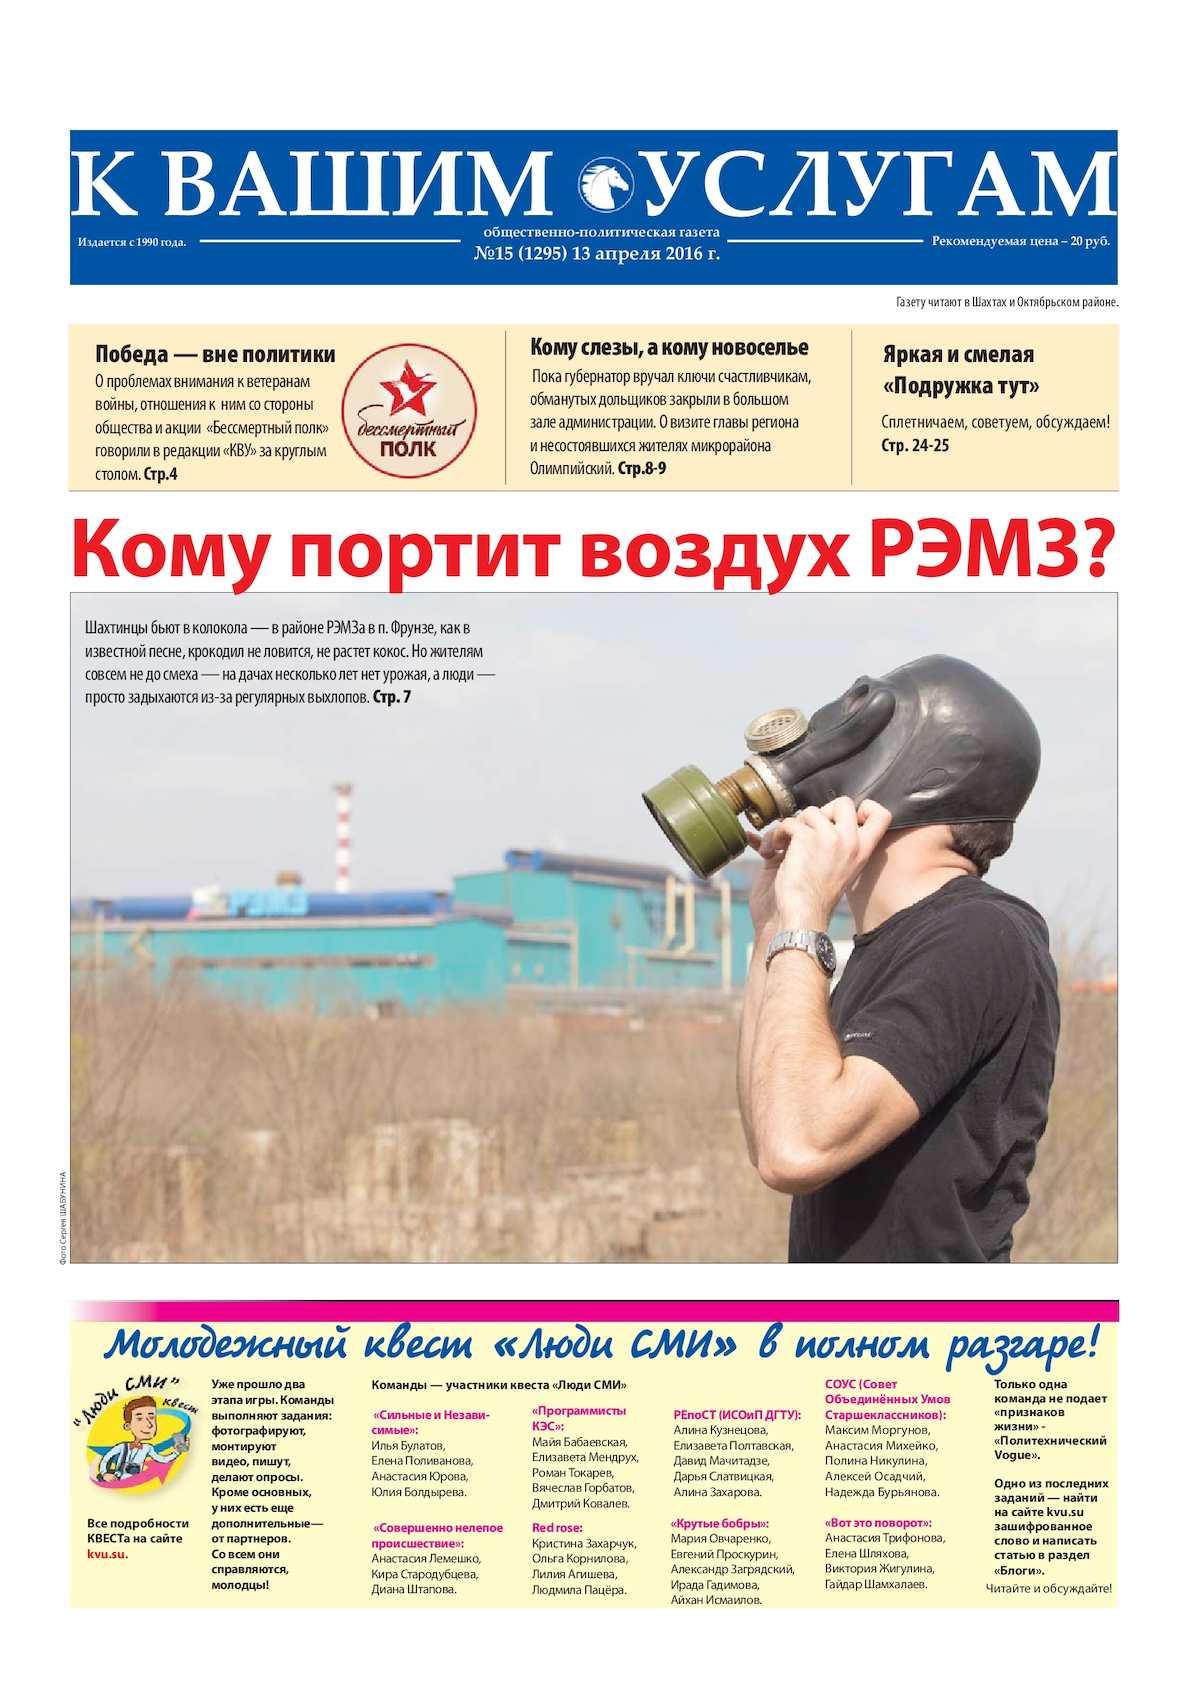 печать бланка 1 т проф от 24 07 2012 407